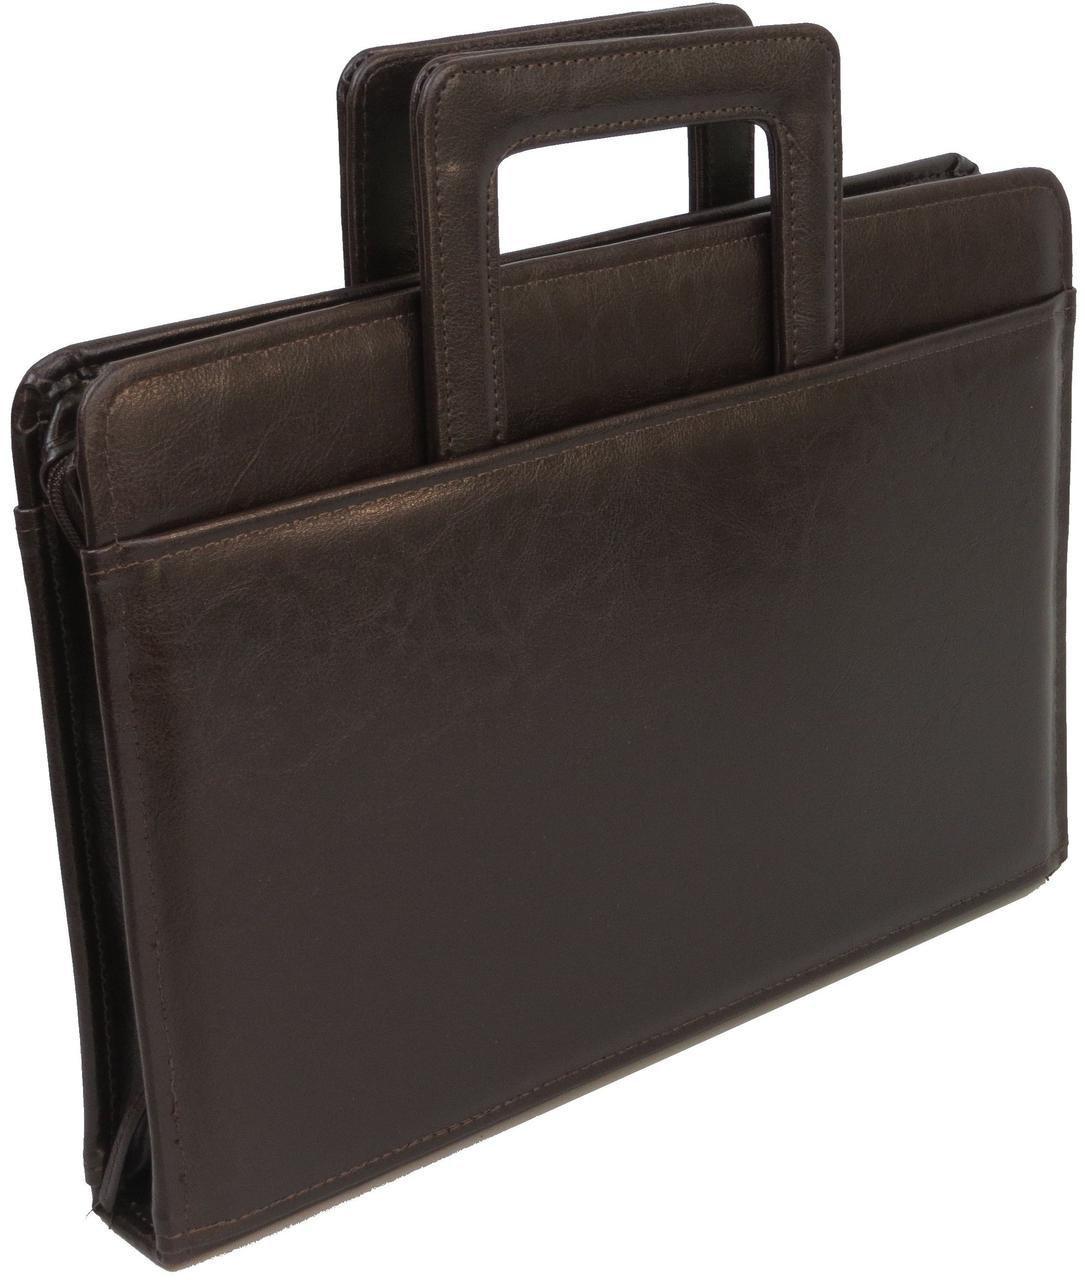 Ділова папка-портфель JPB, AK-13 коричневого кольору з еко шкіри